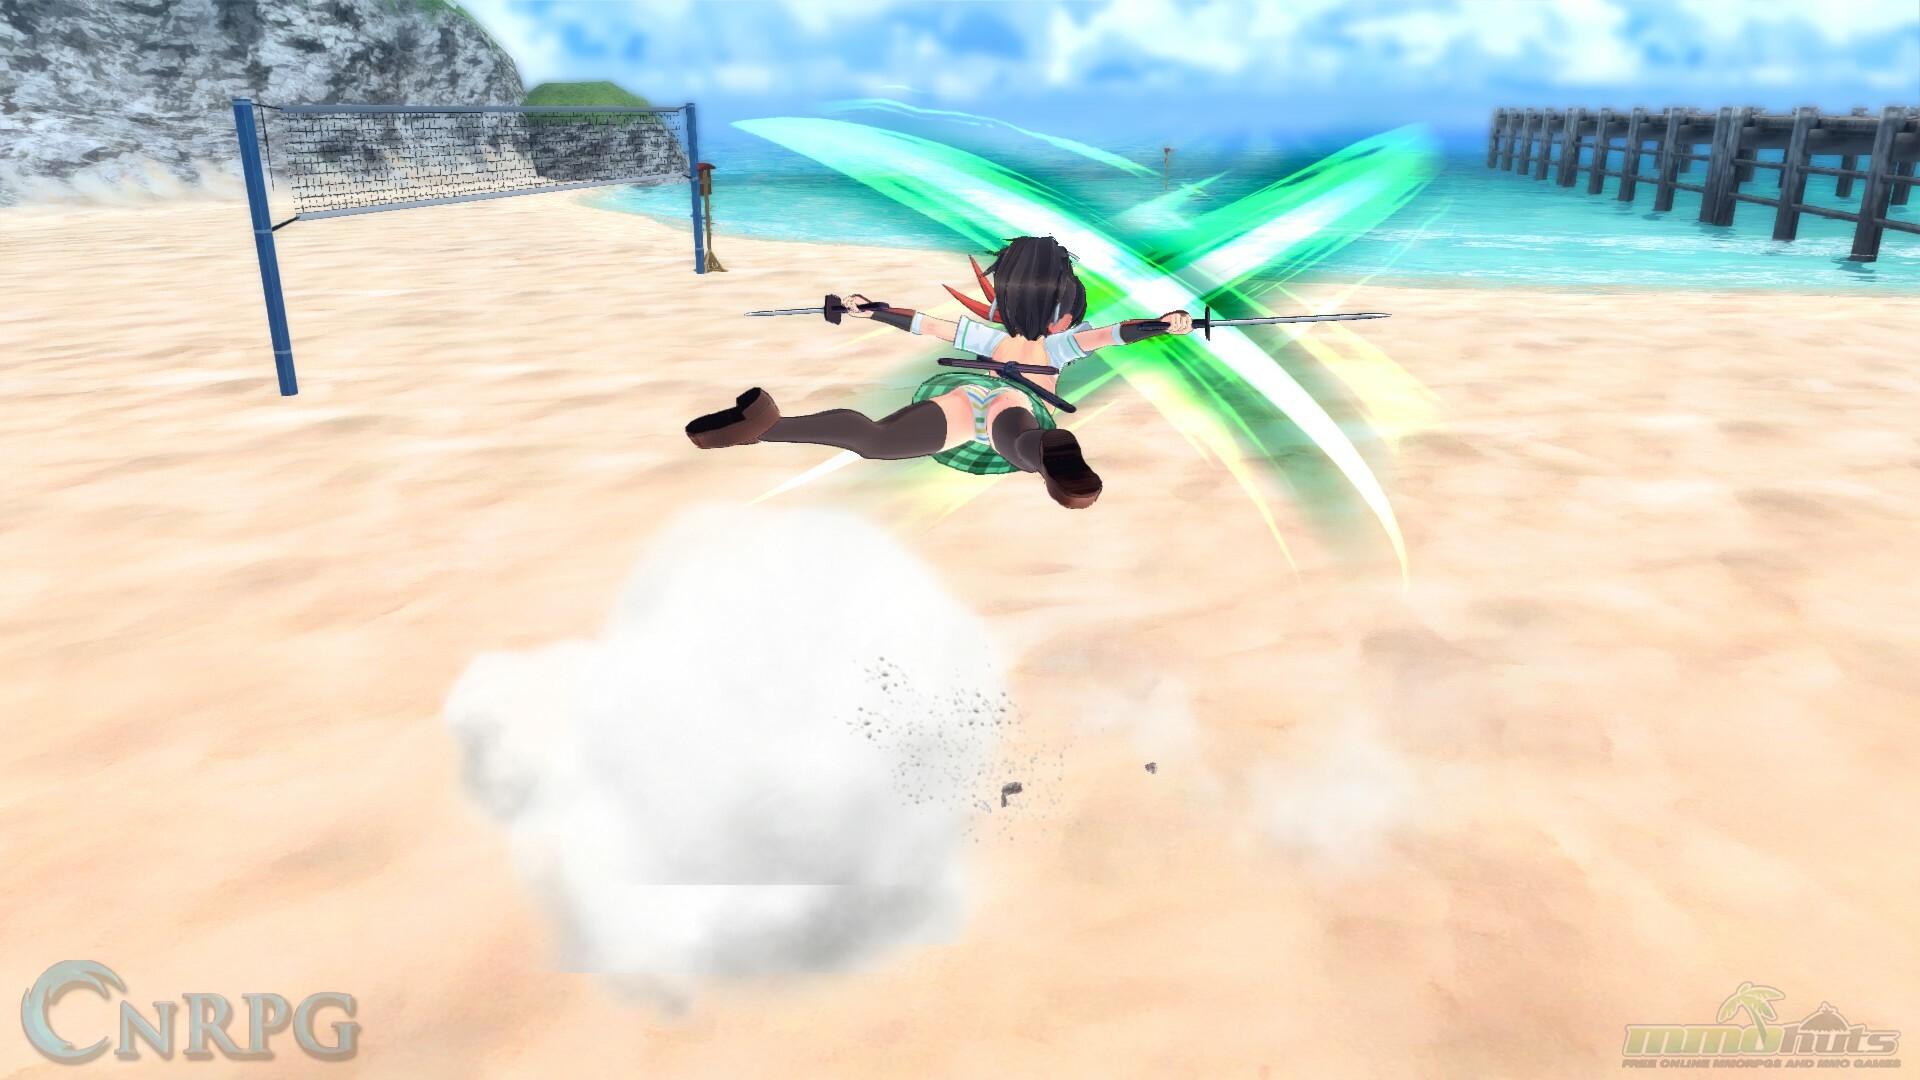 Senran-Kagura-Aerial-Strike